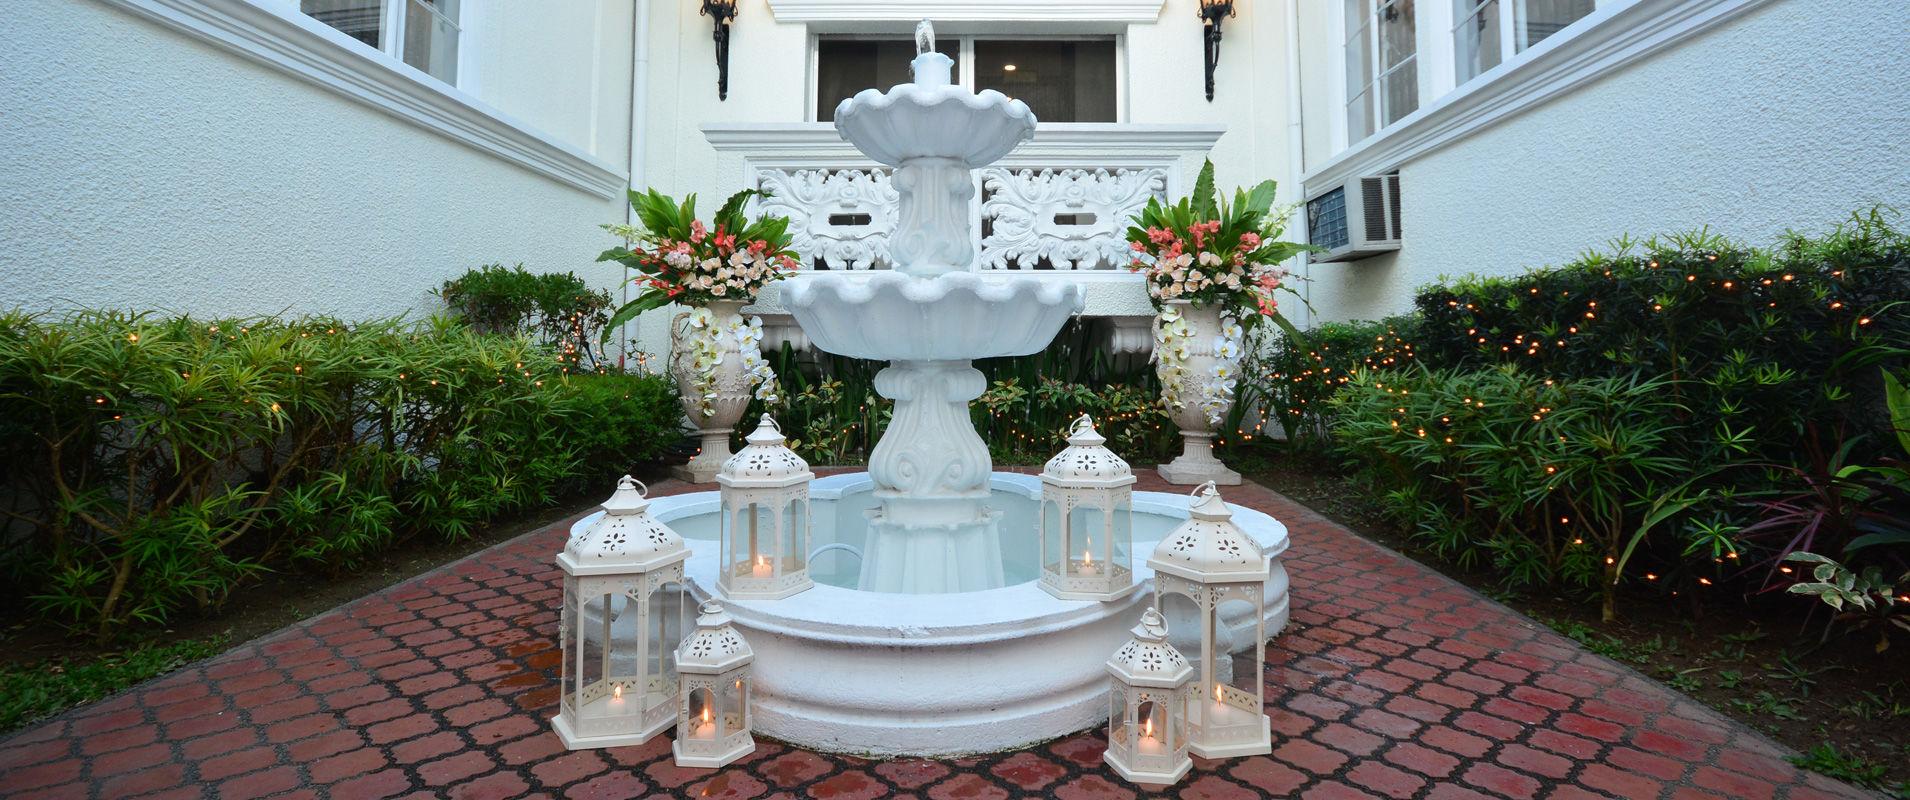 Party Venue in Quezon City | Events Place | Wedding Reception in Metro Manila  - Felicidad Mansion